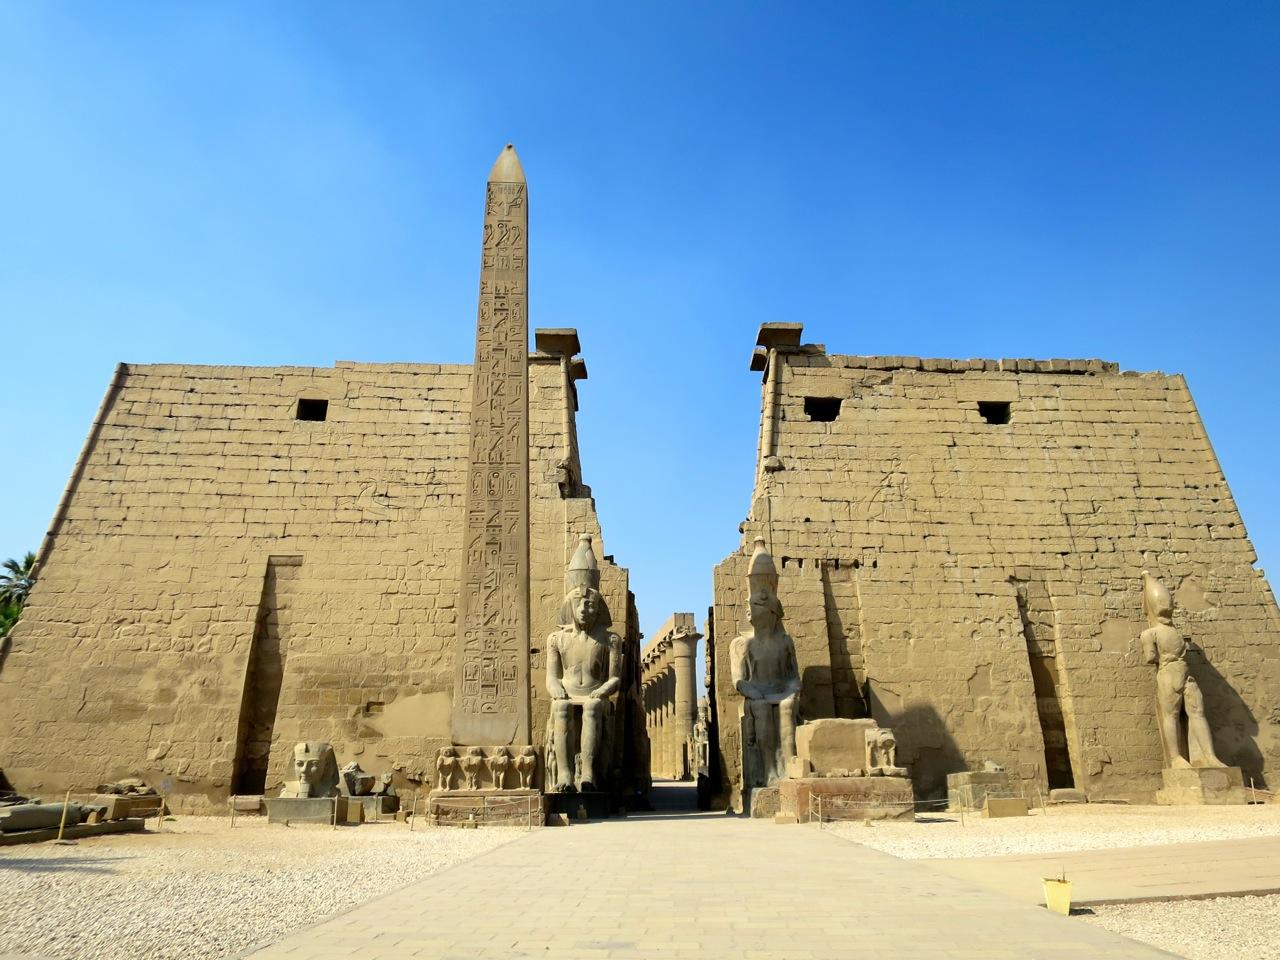 Luxor 2-18